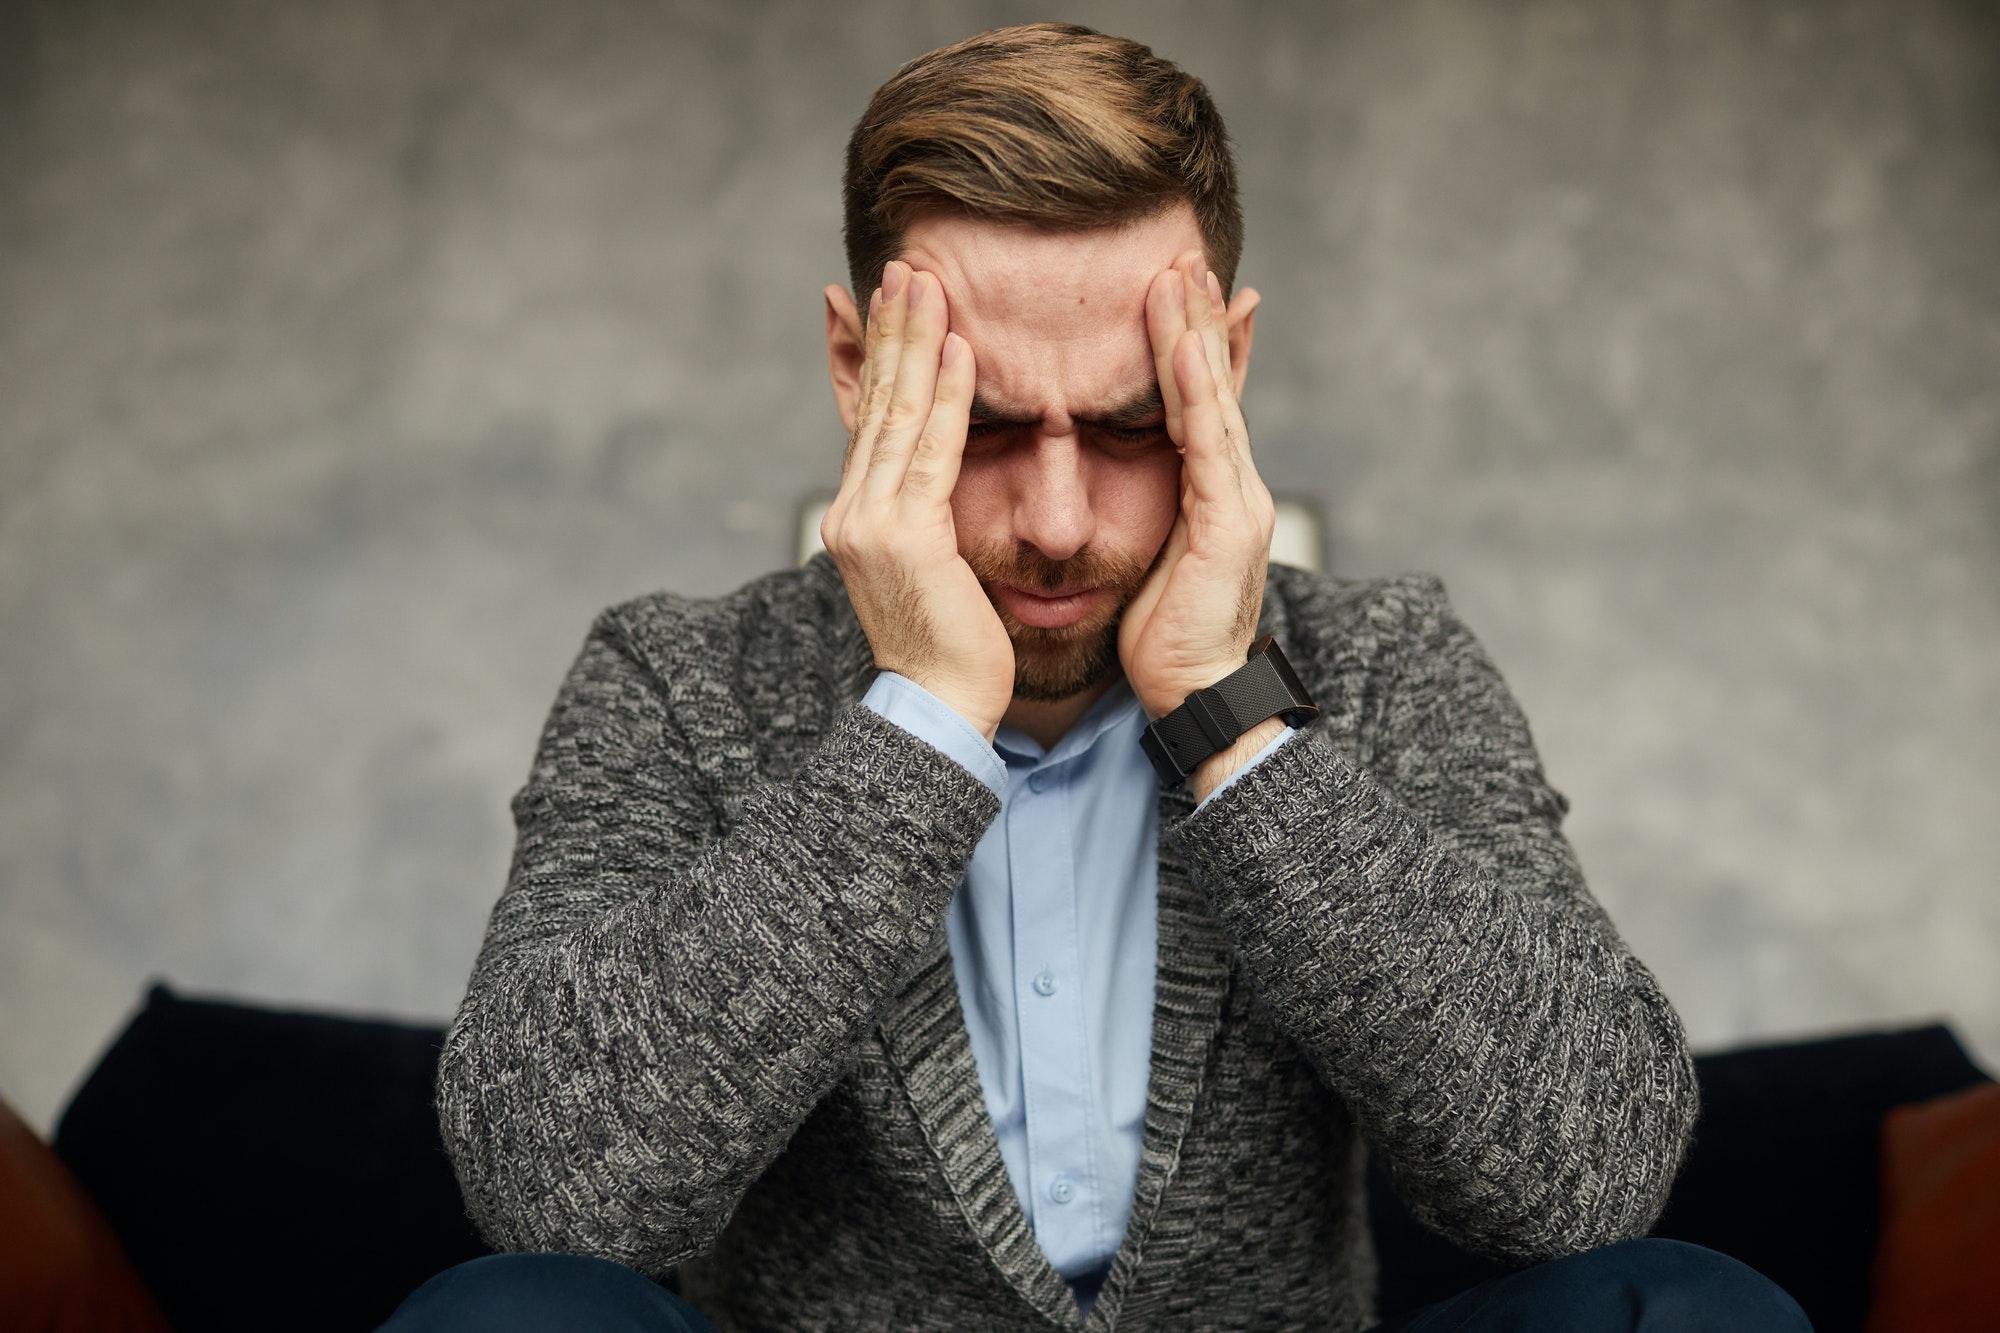 homme se tient la tête fatigué du harcèlement de son ex